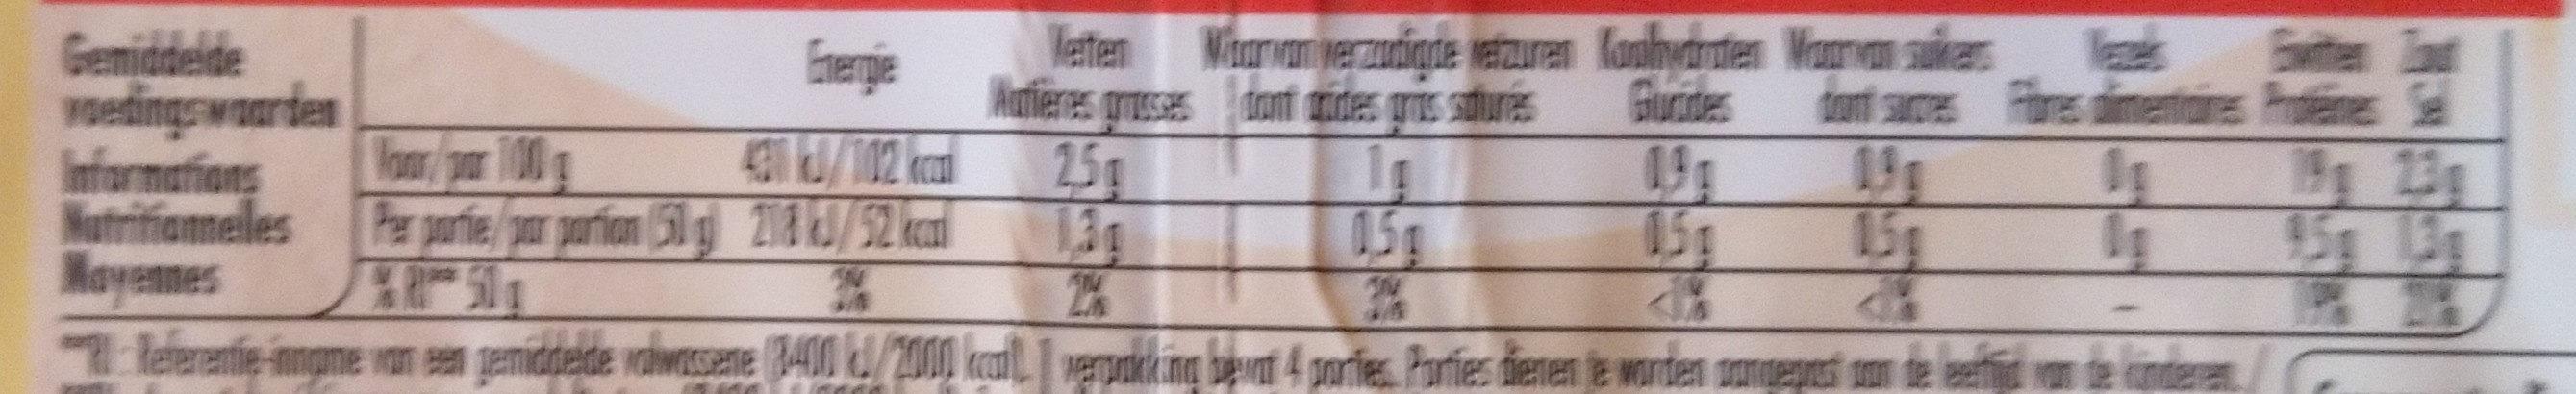 Bacon Allumettes - Nutrition facts - en